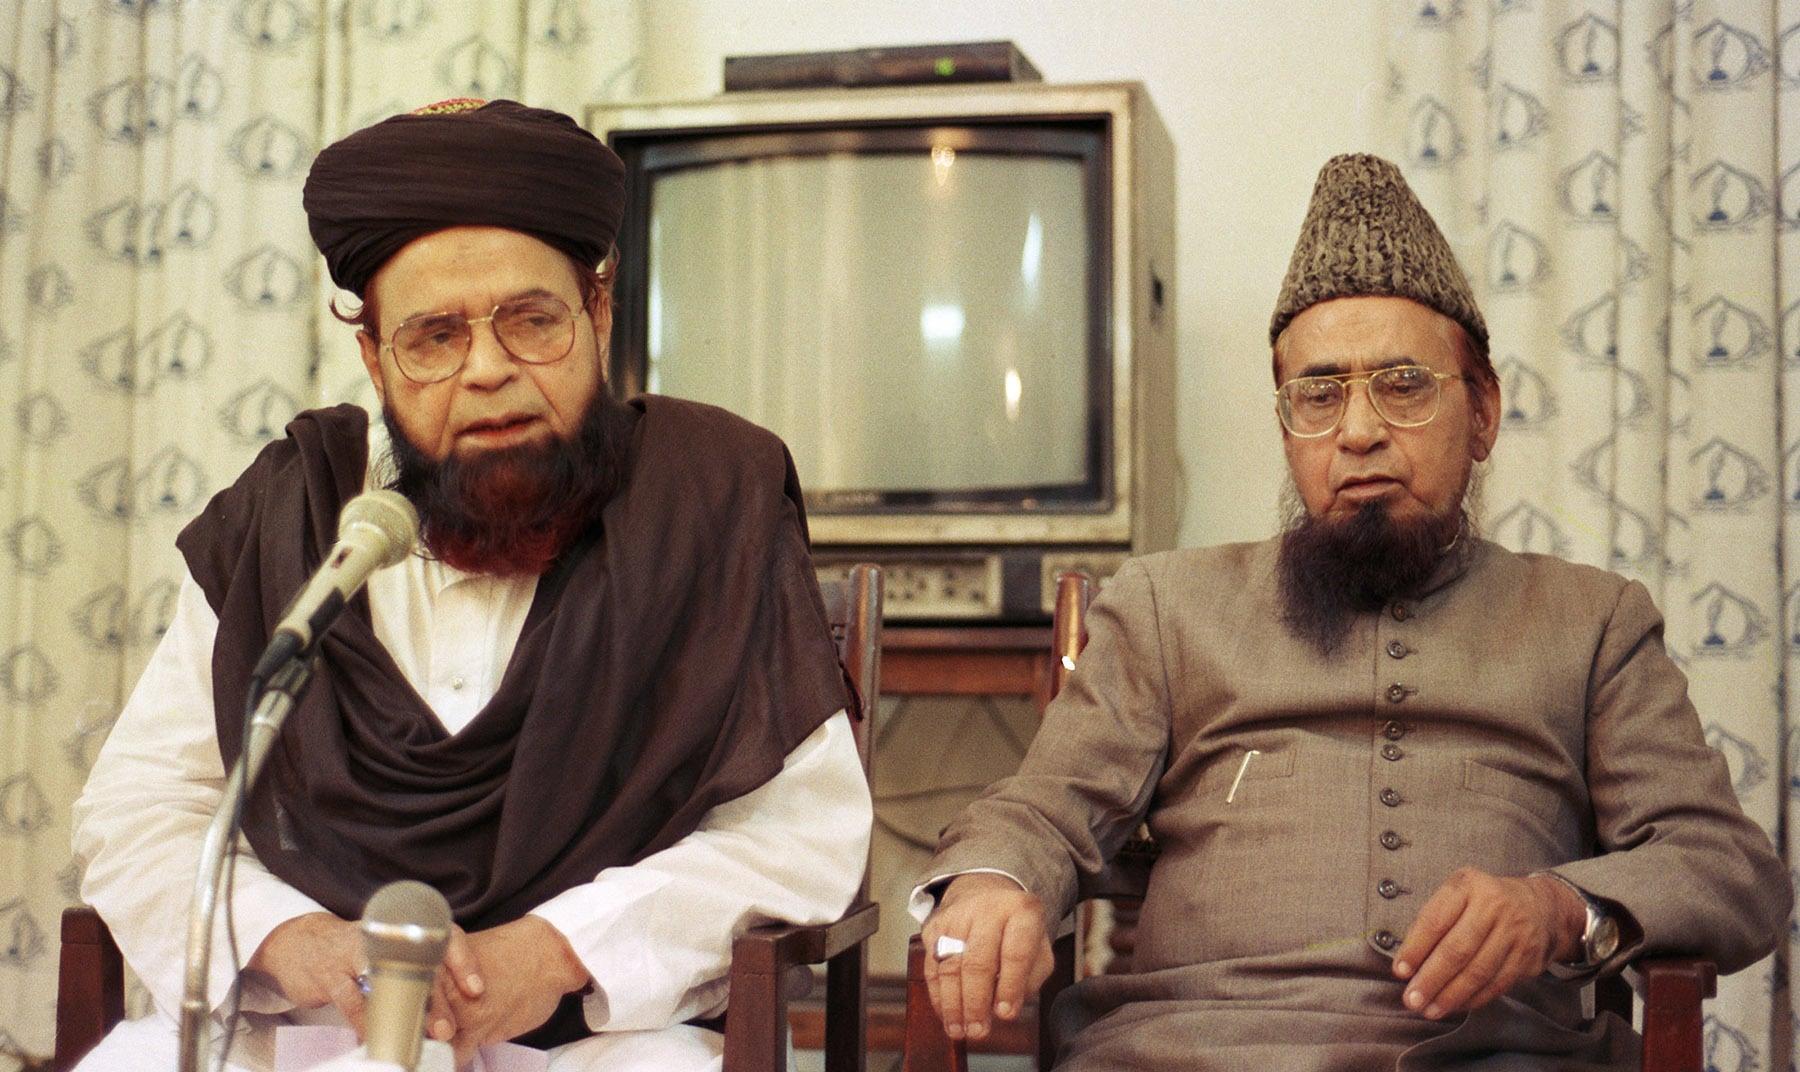 17 نومبر 1996ء جمعیت علمائے پاکستان کے رہنما مولانا شاہ احمد نورانی (بائیں) اور شاہ فرید الحق کراچی پریس کلب کے جلیس ہال میں پریس کانفرنس کر رہے ہیں— تصویر بشکریہ زاہد حسین